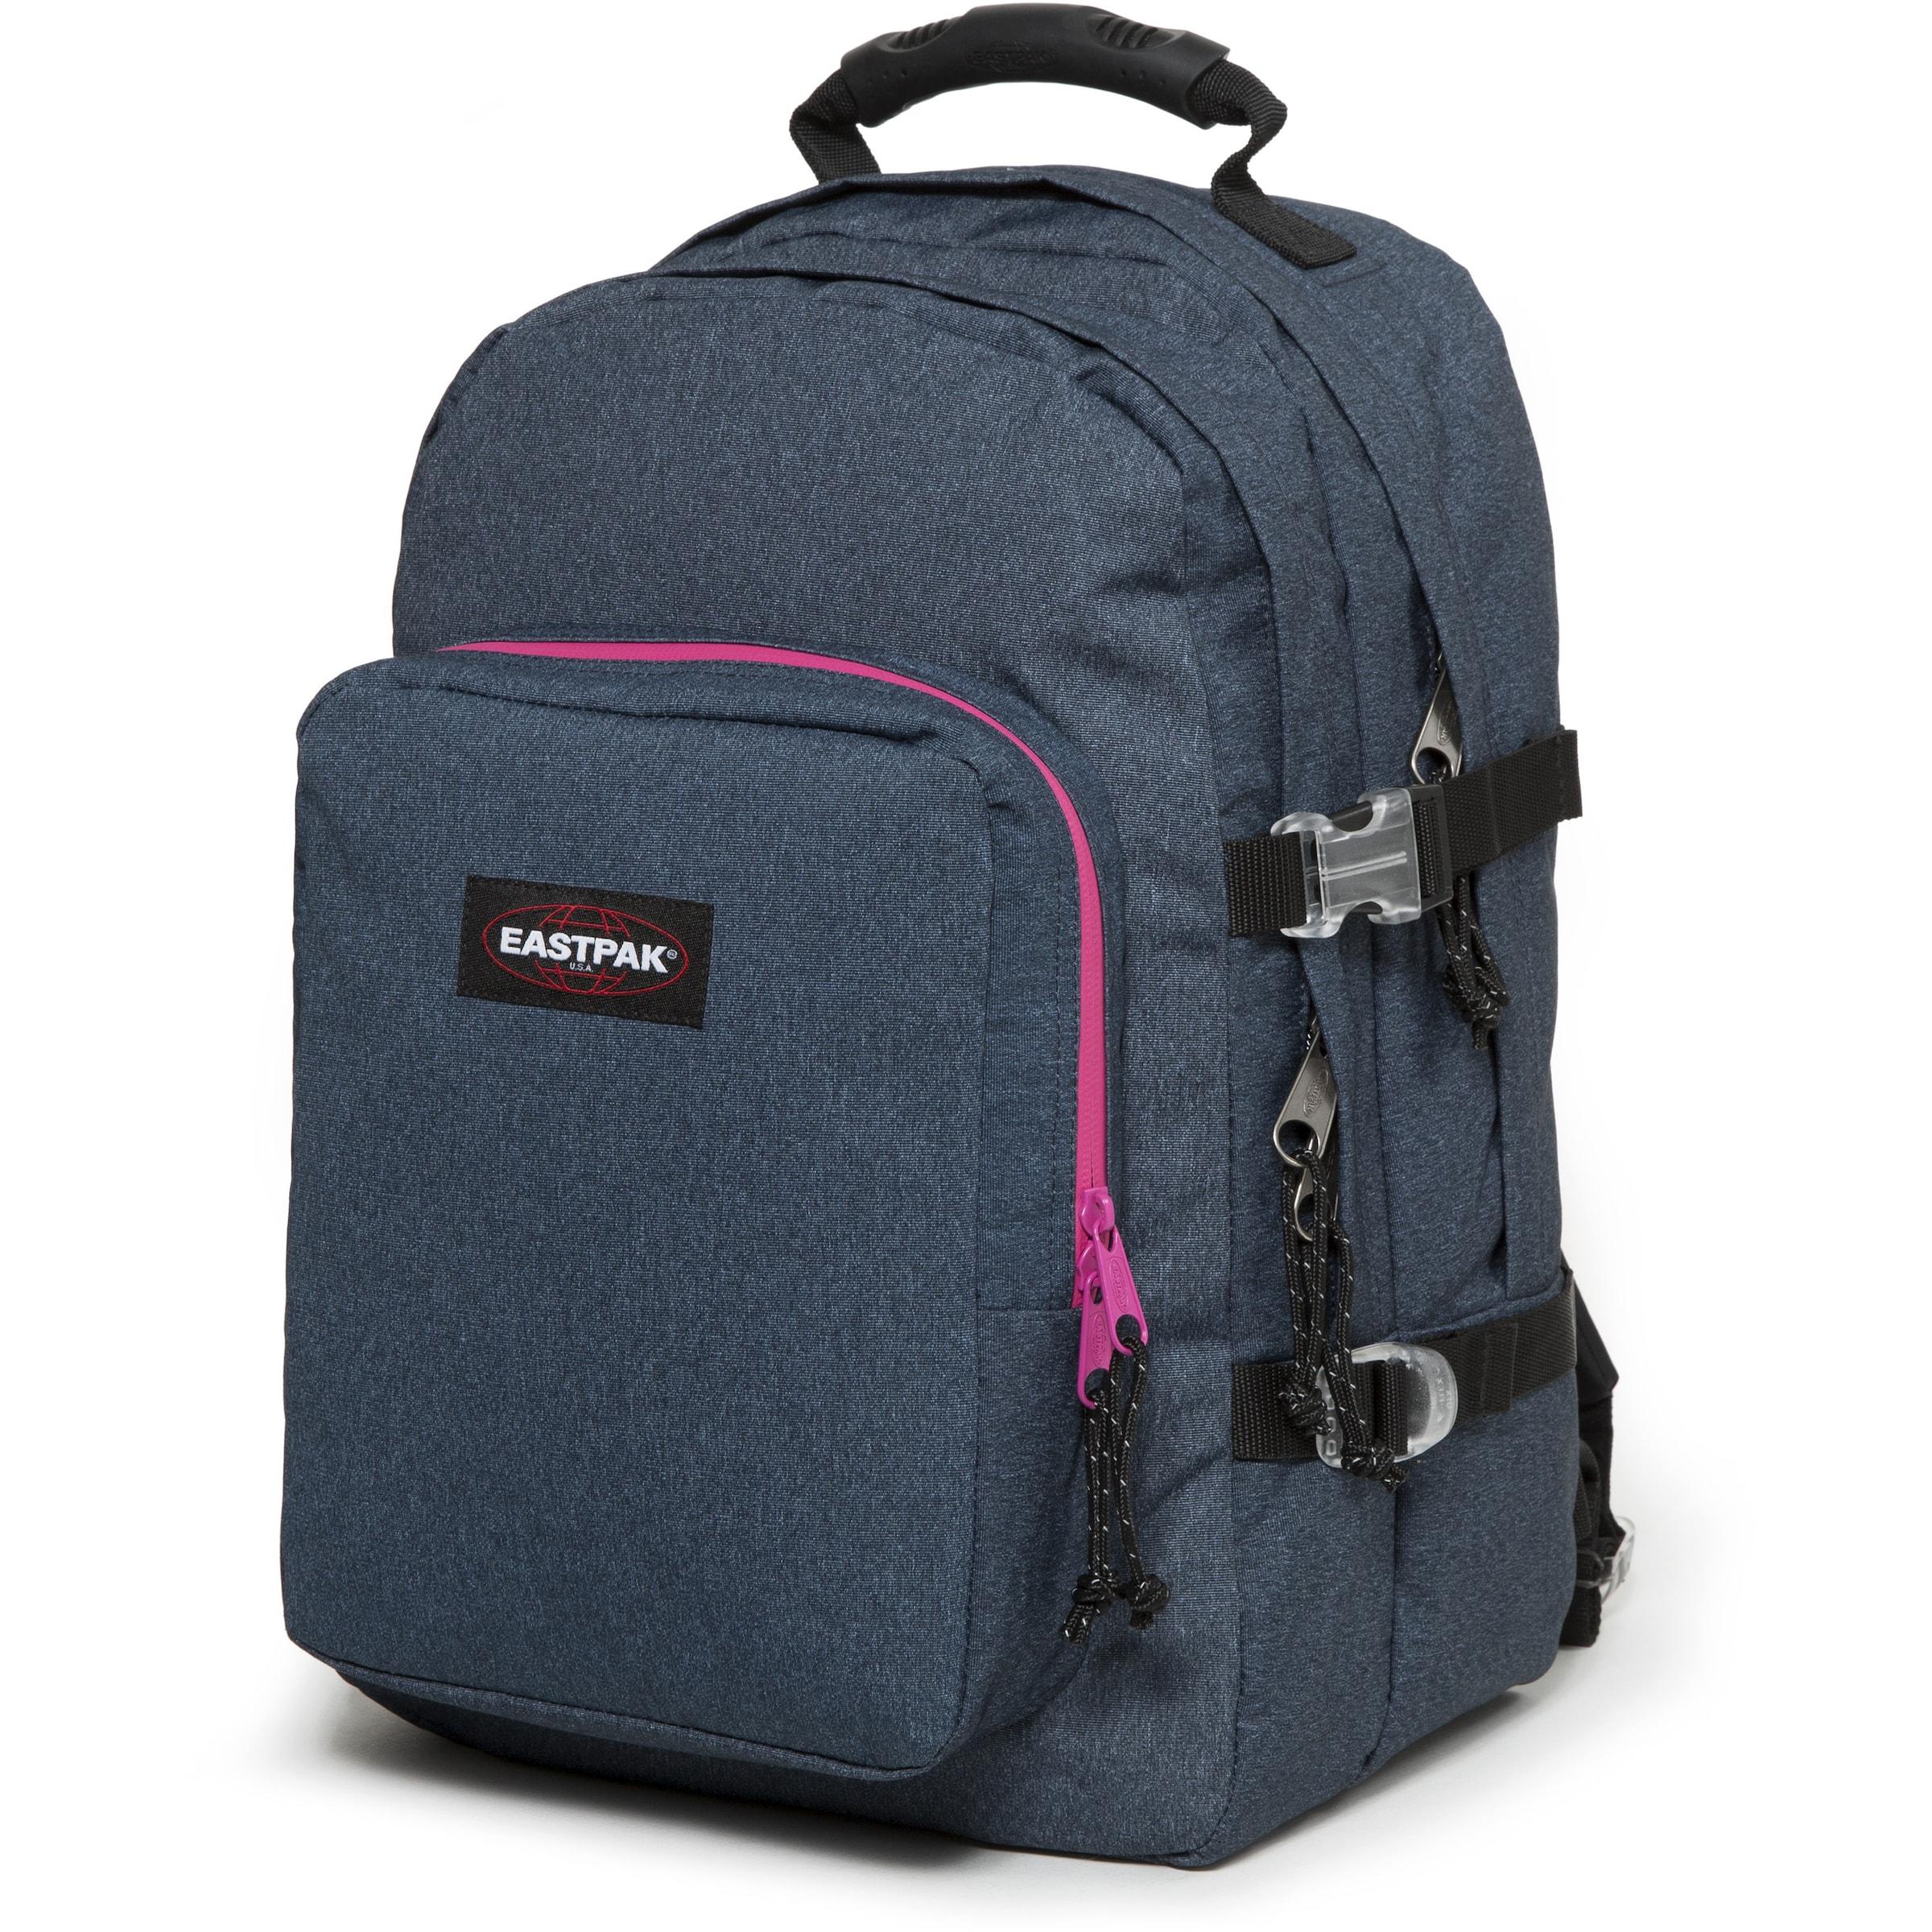 Günstige Preise Und Verfügbarkeit EASTPAK Authentic Collection Provider 18 Rucksack 44 cm Laptopfach Am Billigsten Niedrig Kosten Für Verkauf 8YSAqTk